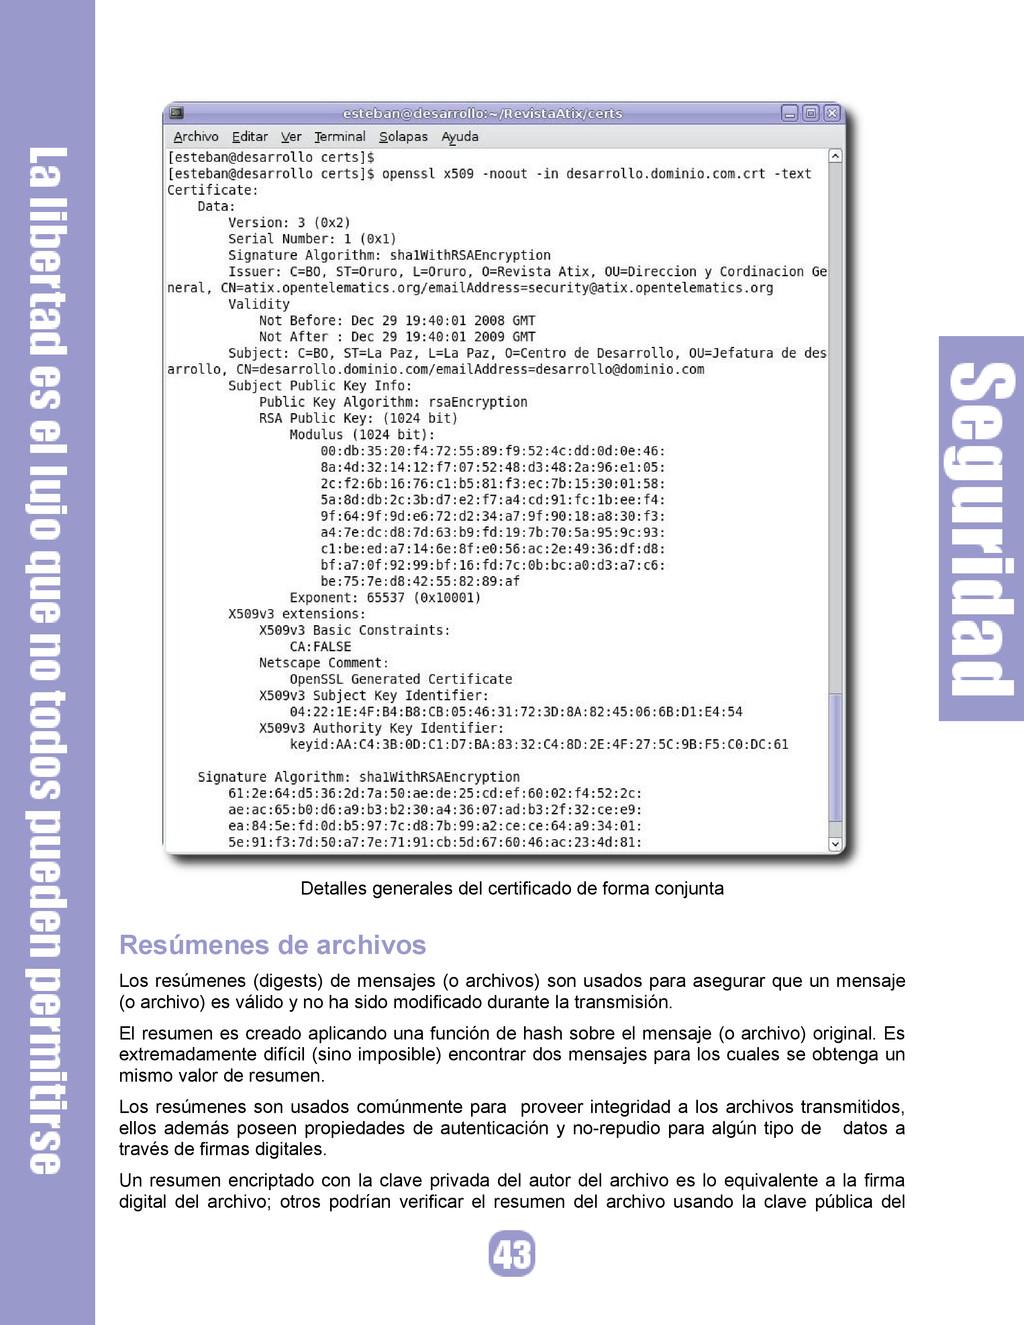 Detalles generales del certificado de forma con...